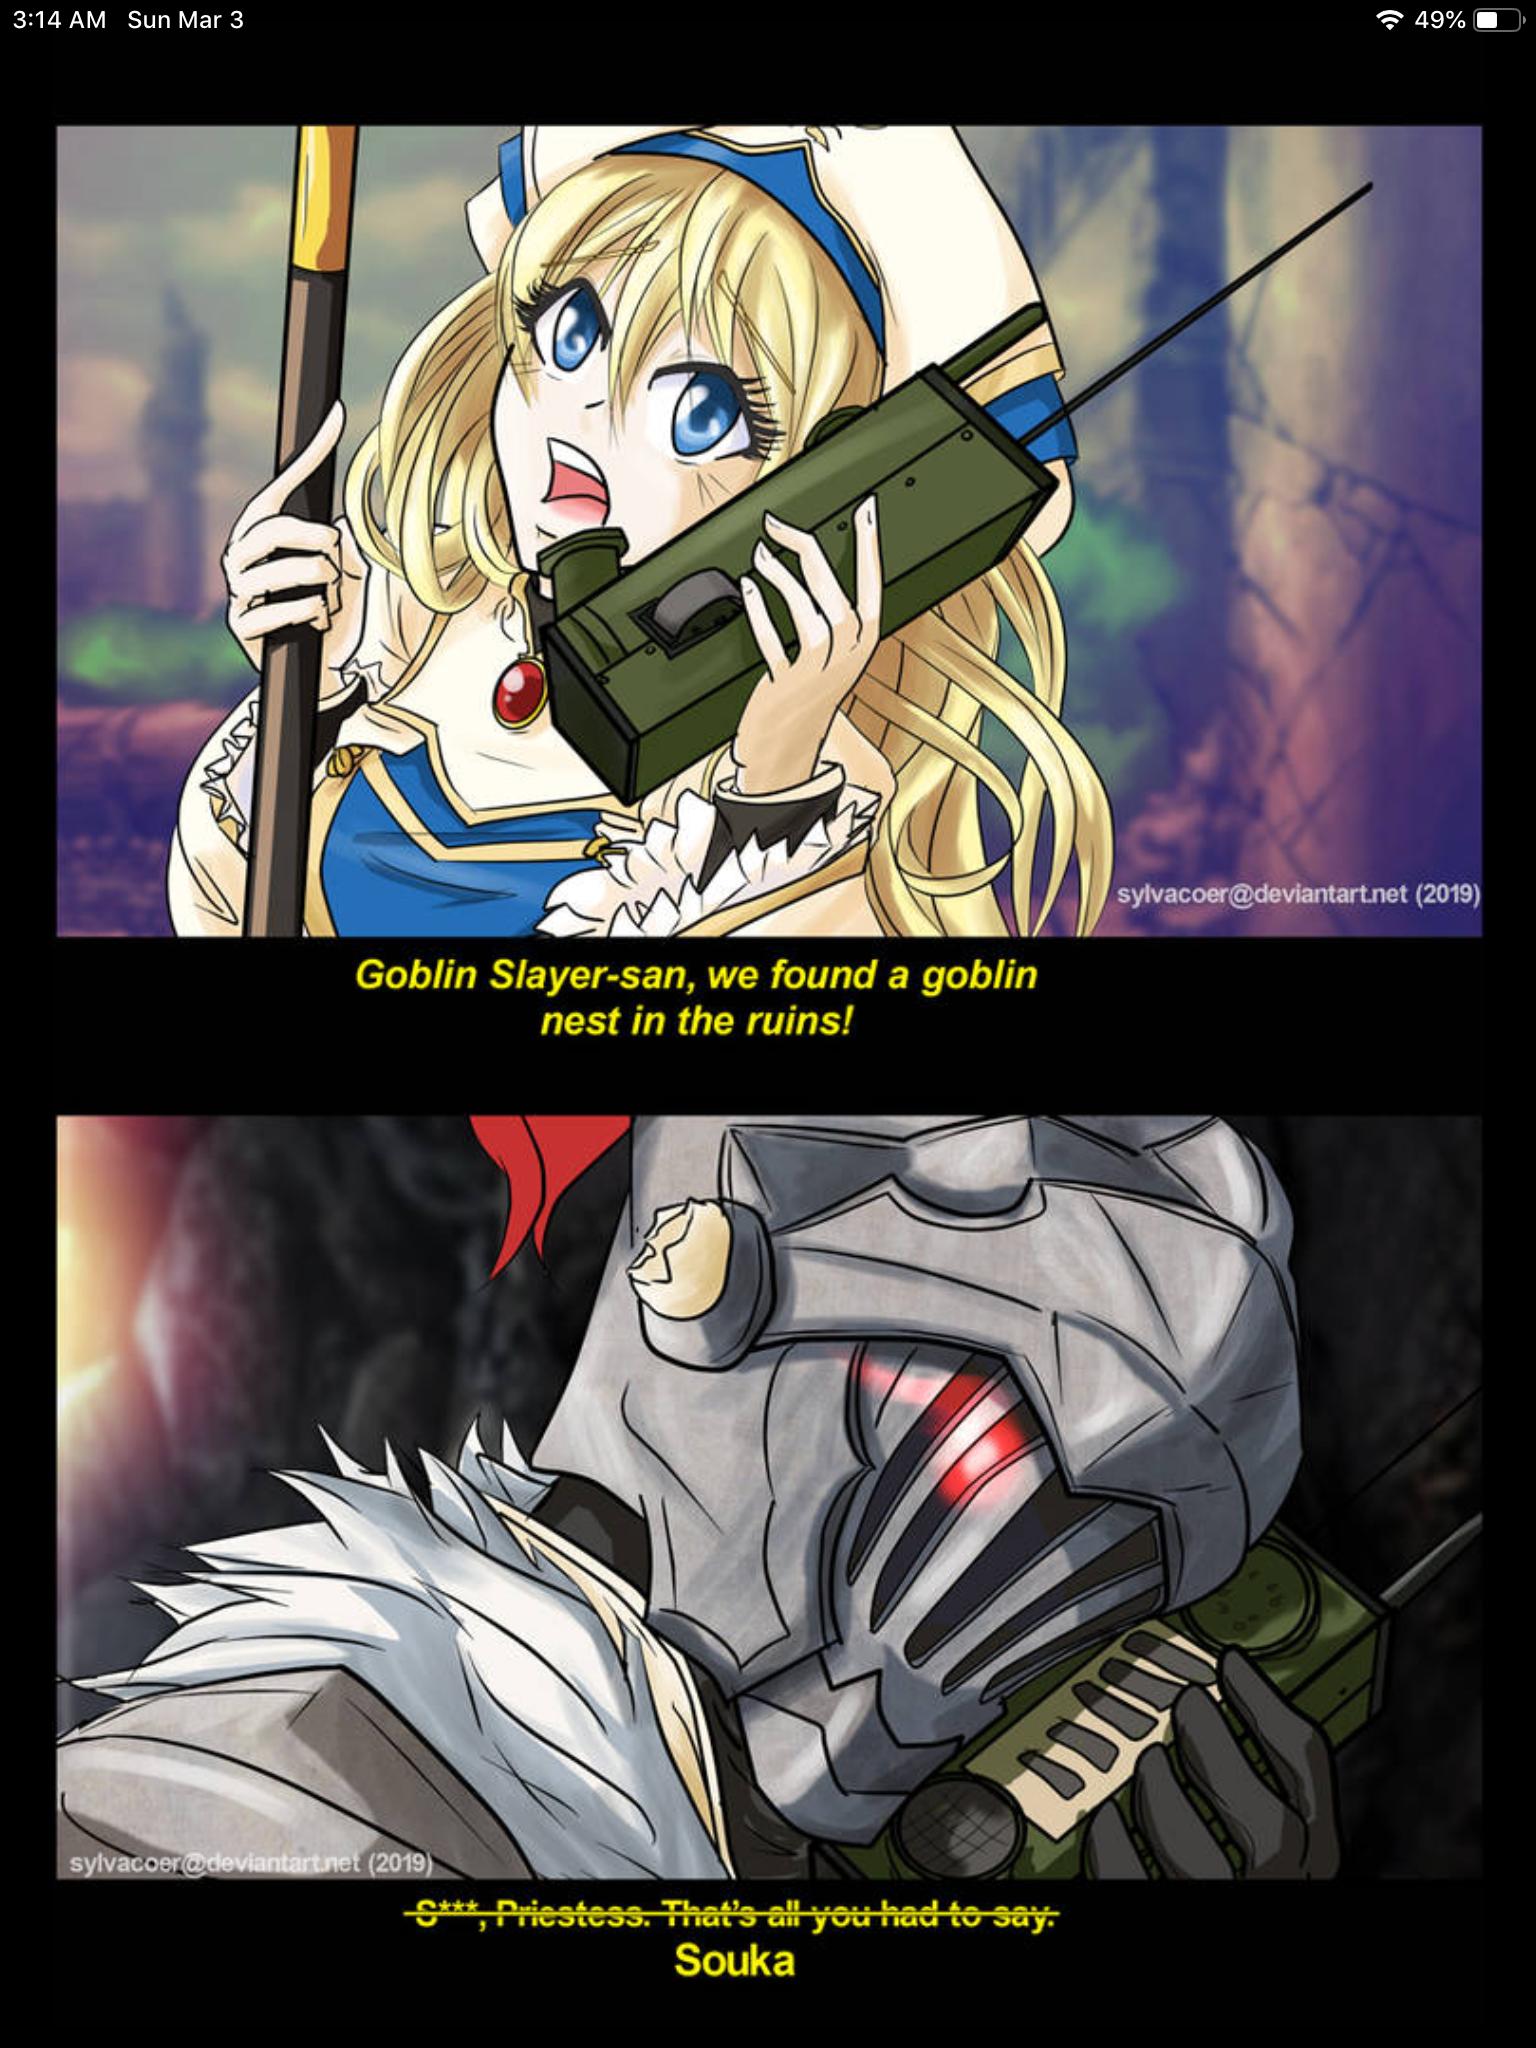 Goblin Slayer image by Hayame Anime funny, Anime memes